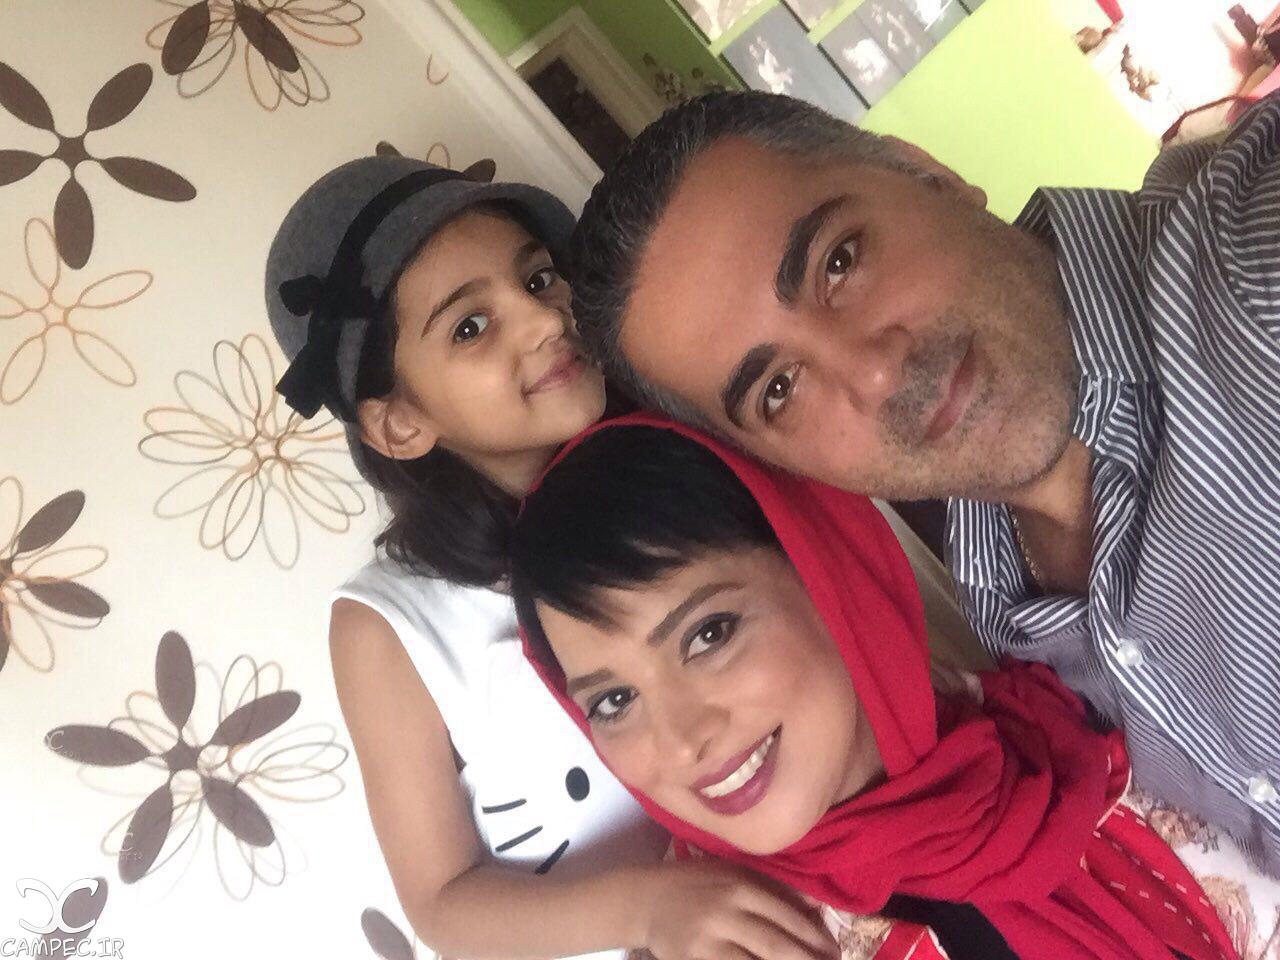 روشنک عجمیان با همسر و دخترش